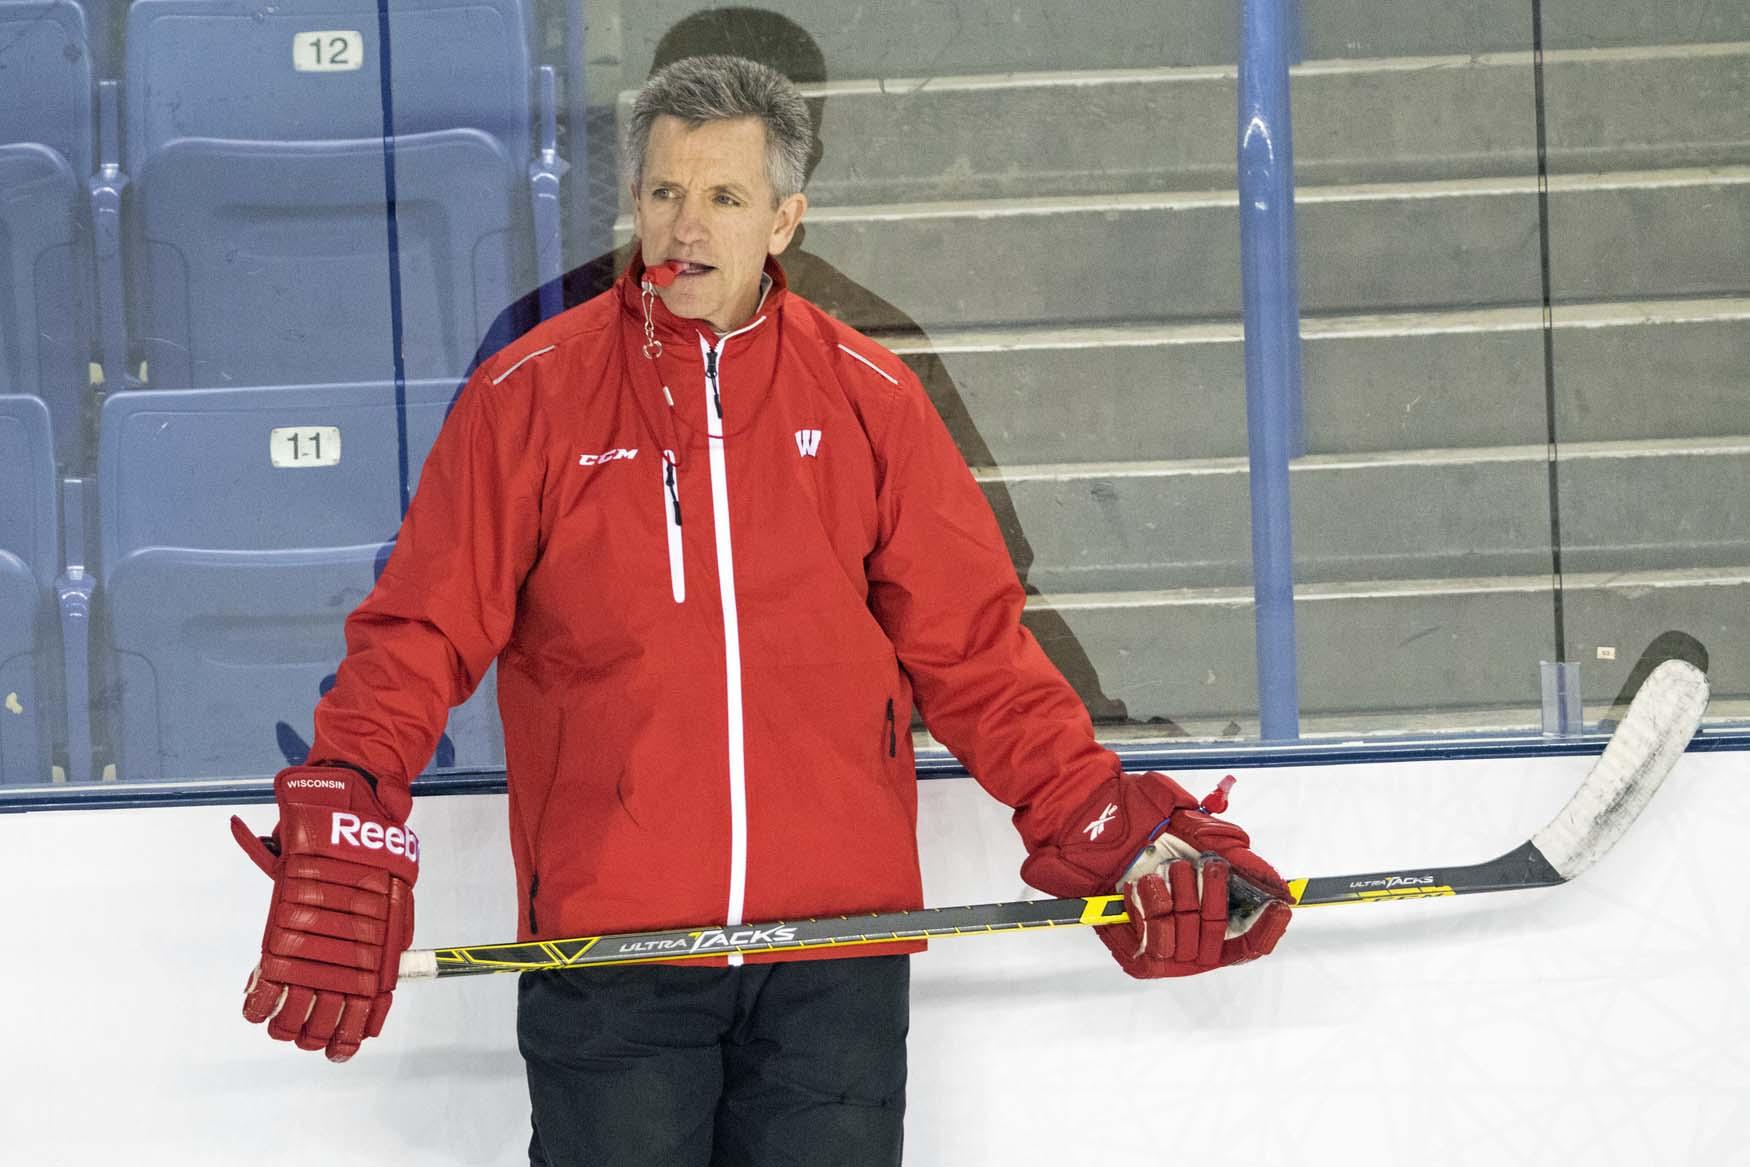 Badger women's hockey sweeps UMD, remain unbeaten